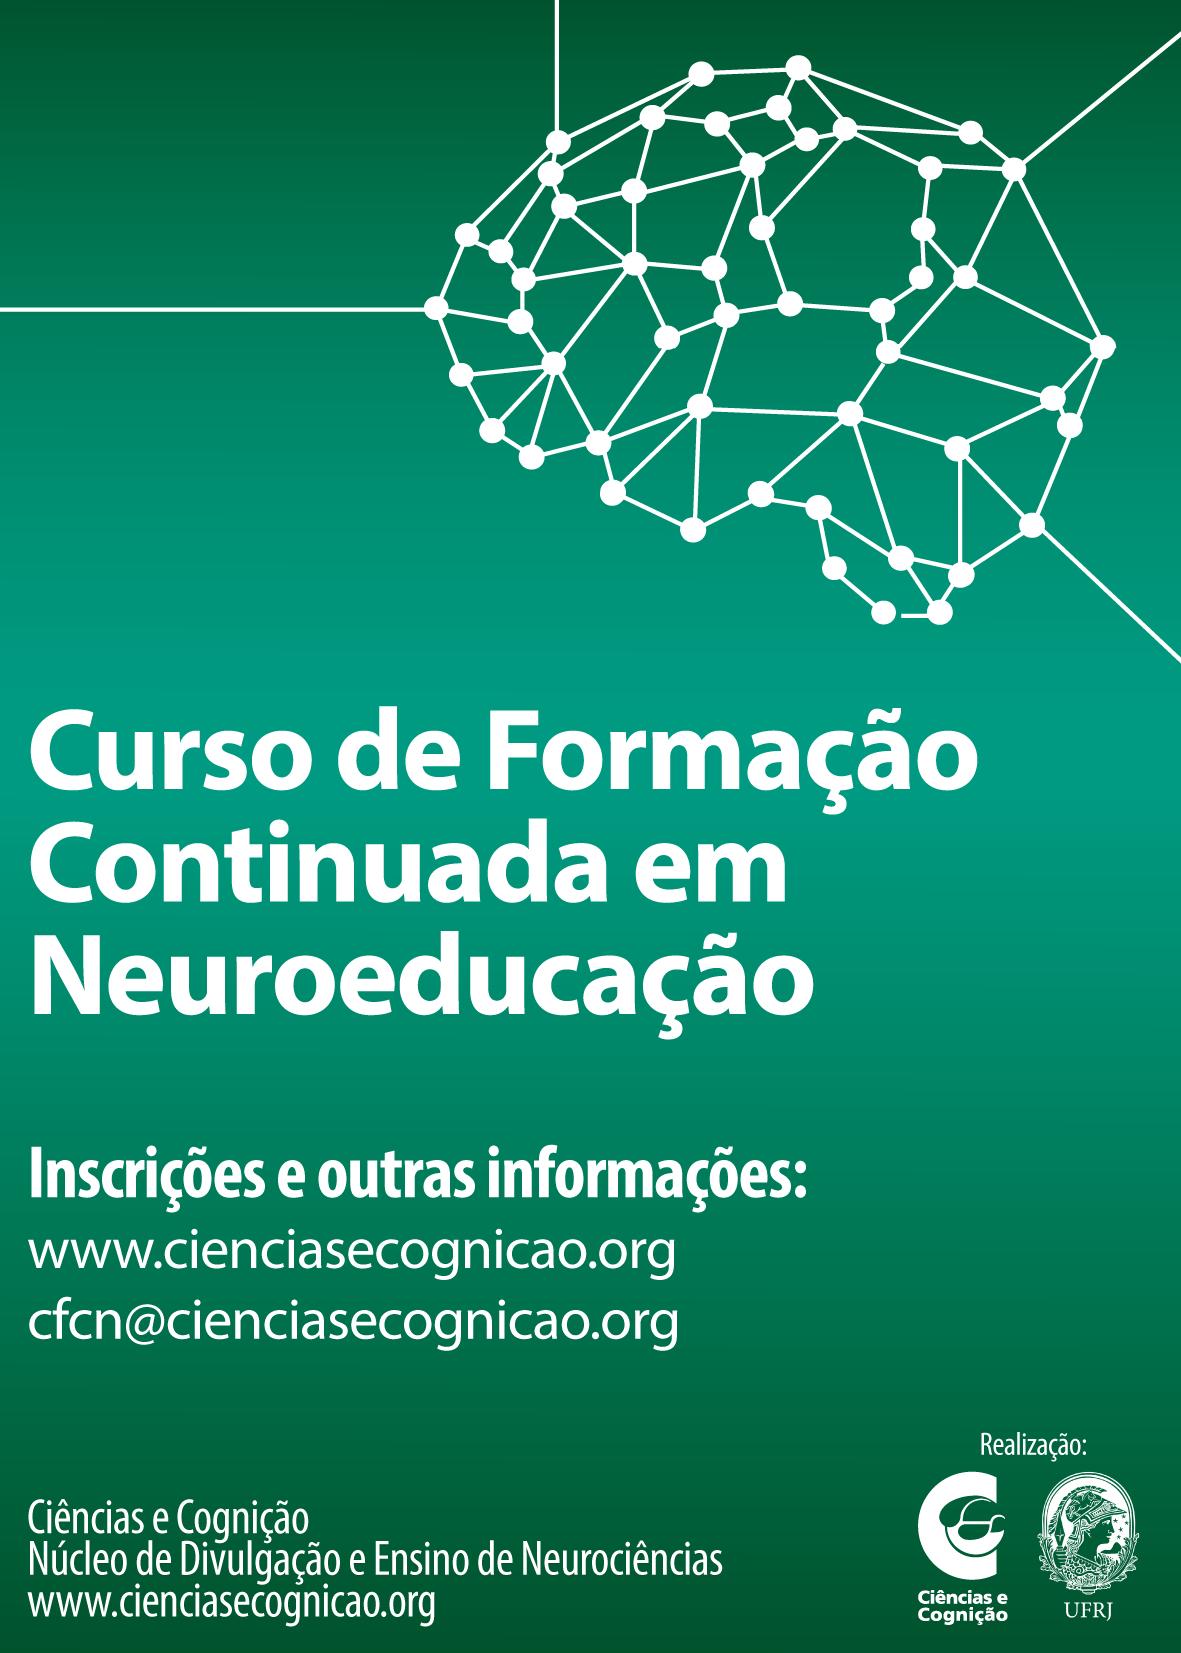 X Curso de Formação Continuada em Neuroeducação – 25 a 29 de janeiro 2016